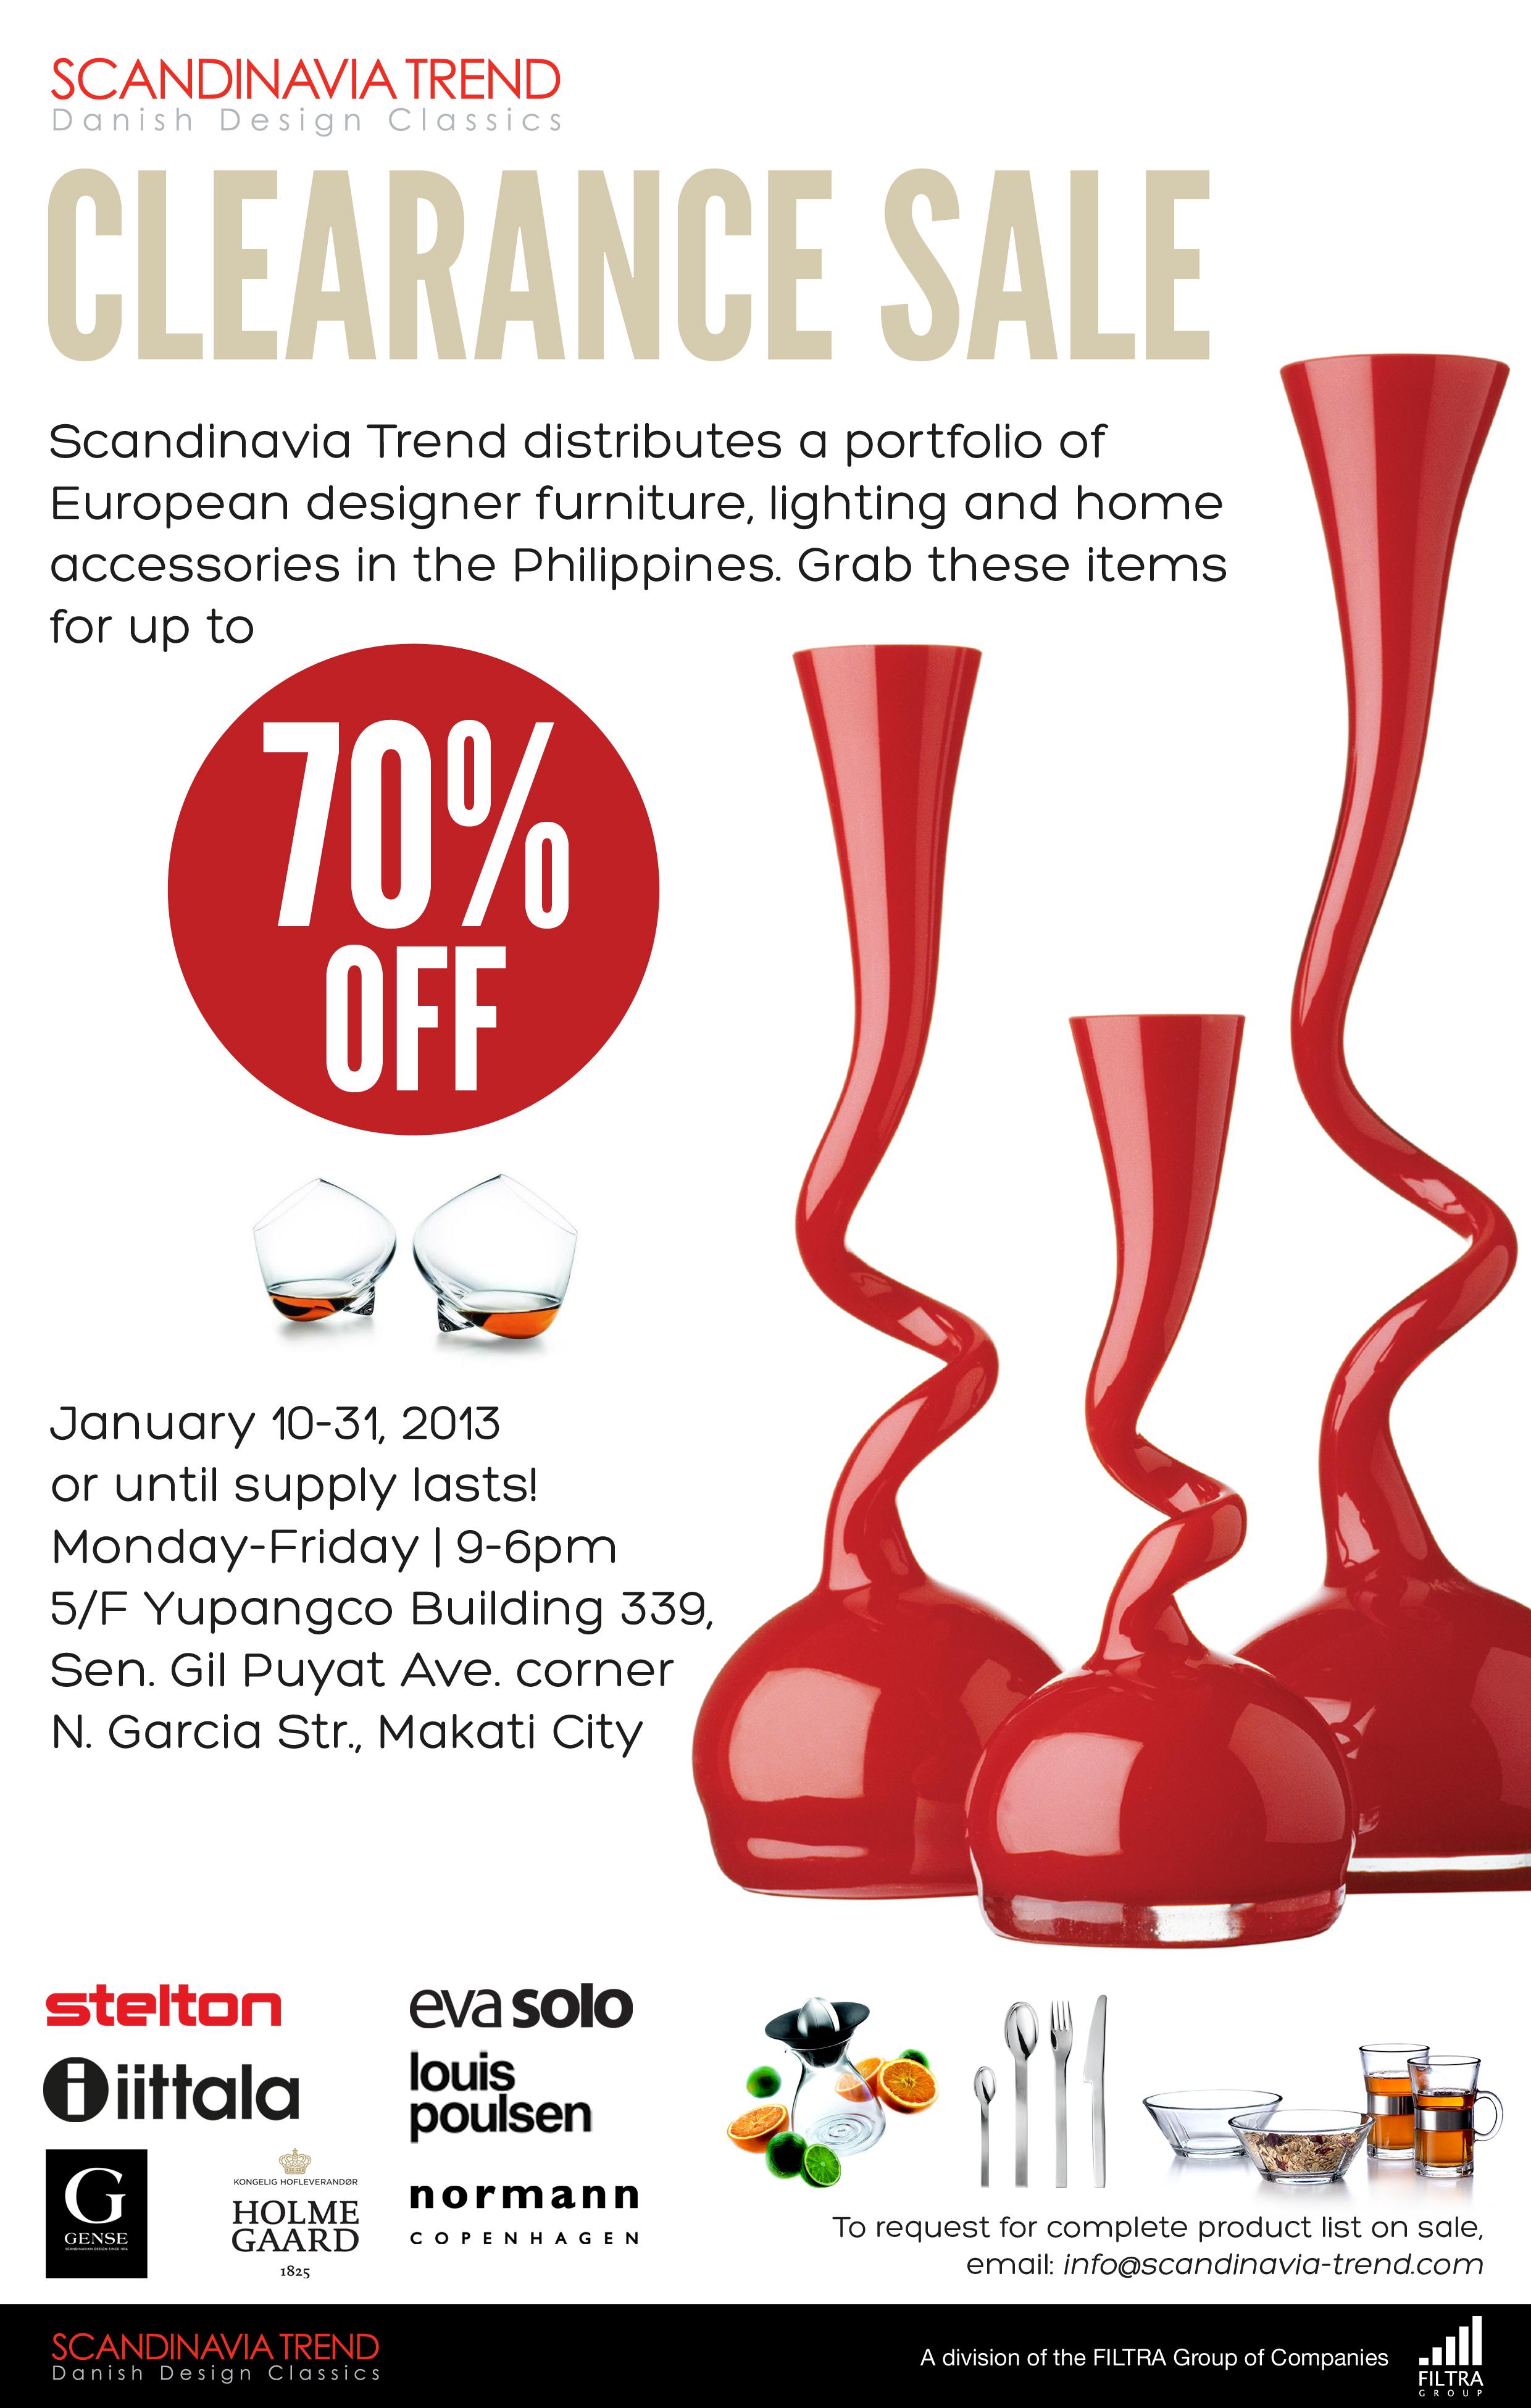 Scandinavia Trend Clearance Sale January 2013